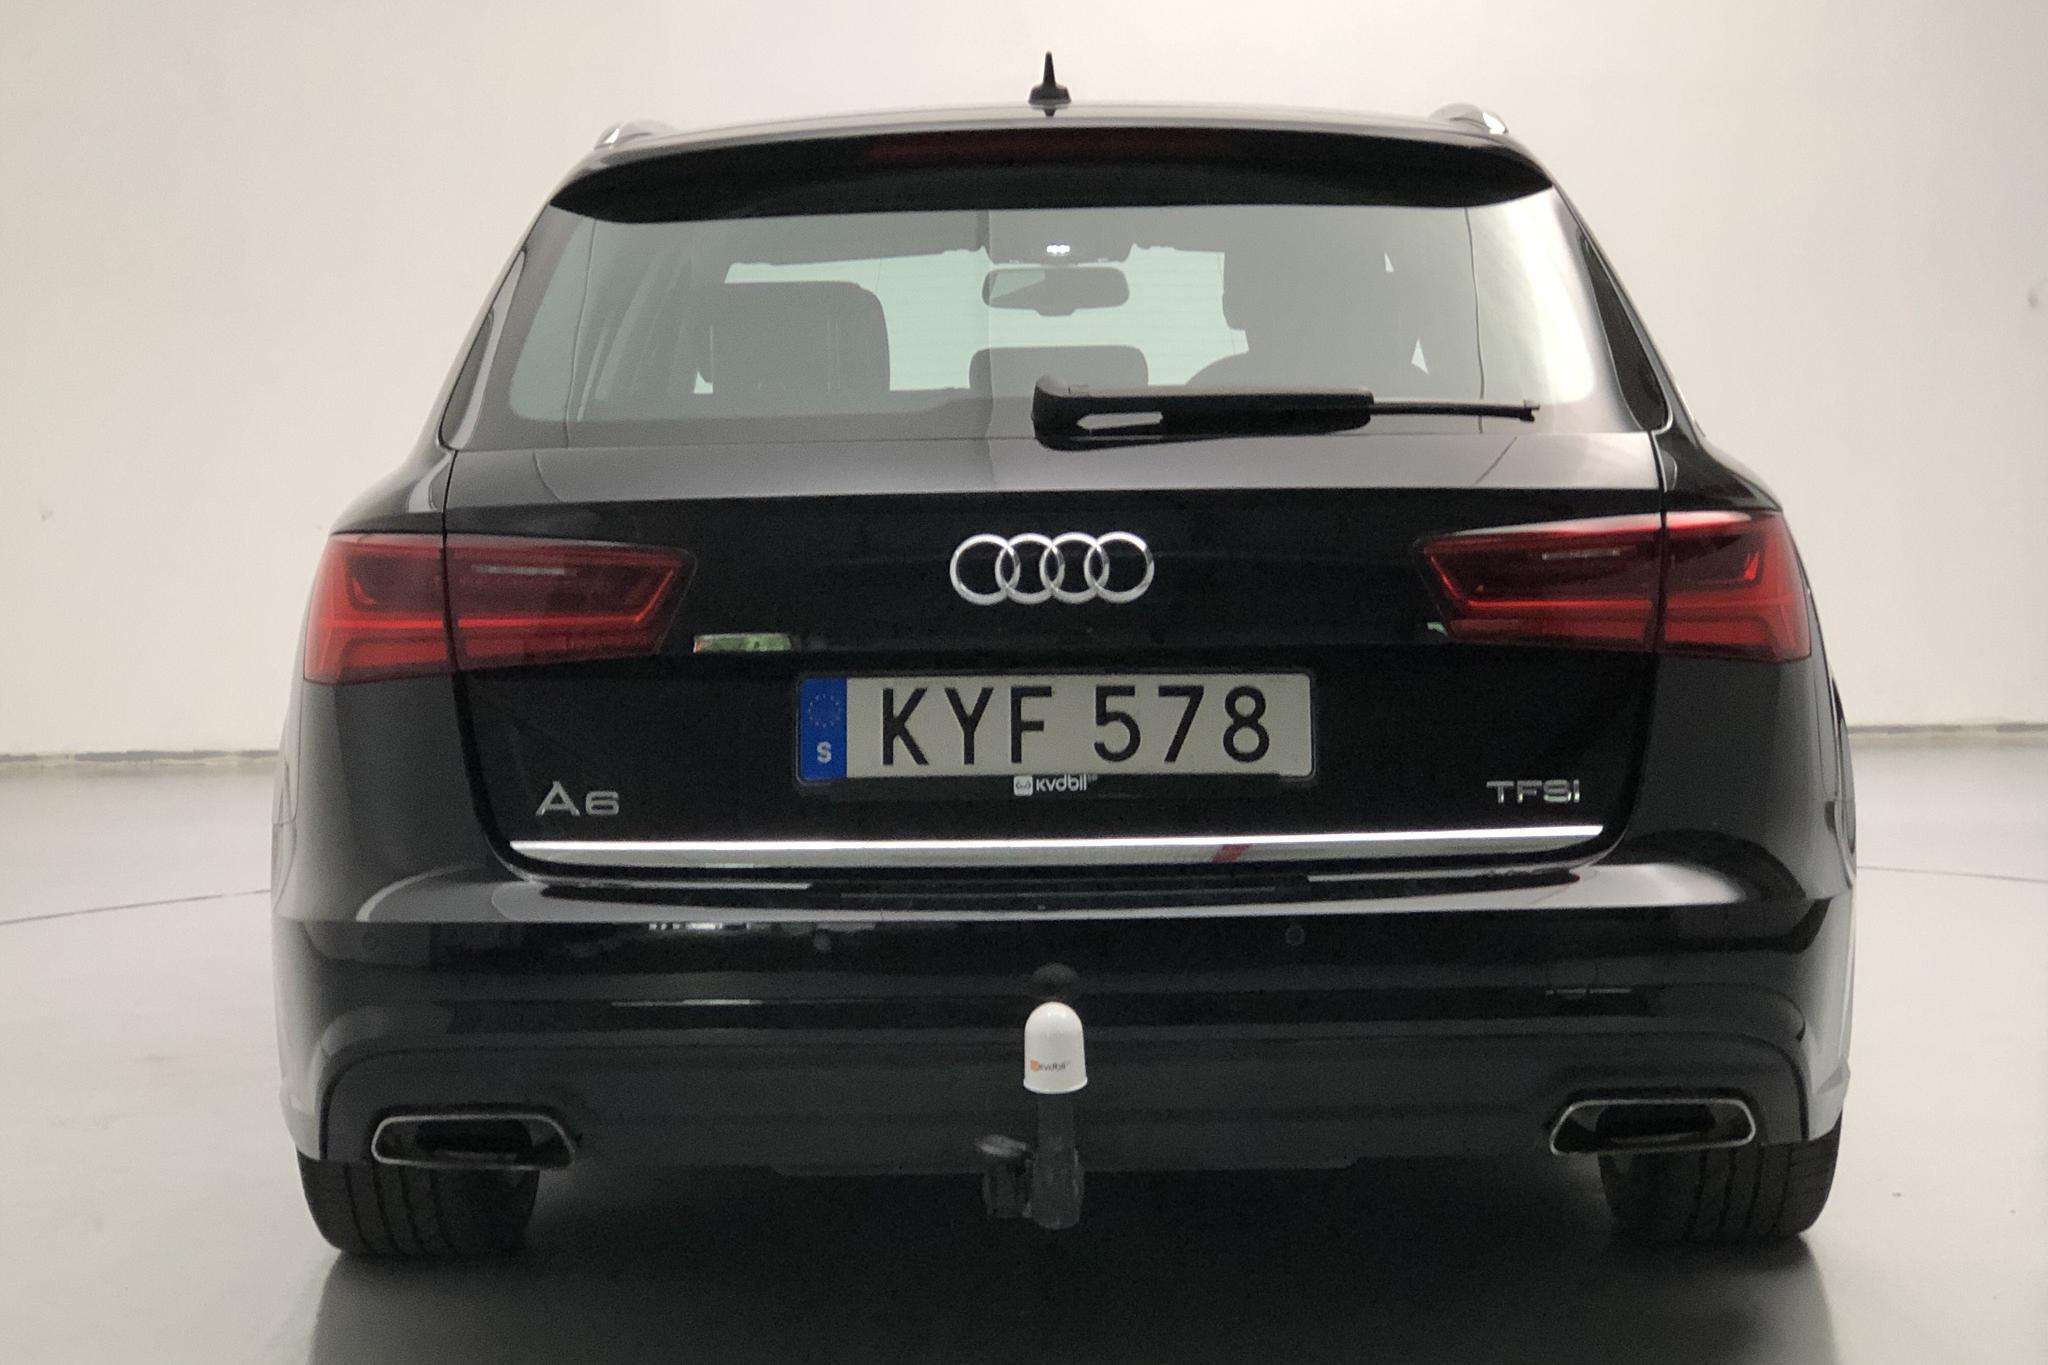 Audi A6 1.8 TFSI Avant (190hk) - 10 018 mil - Automat - svart - 2018